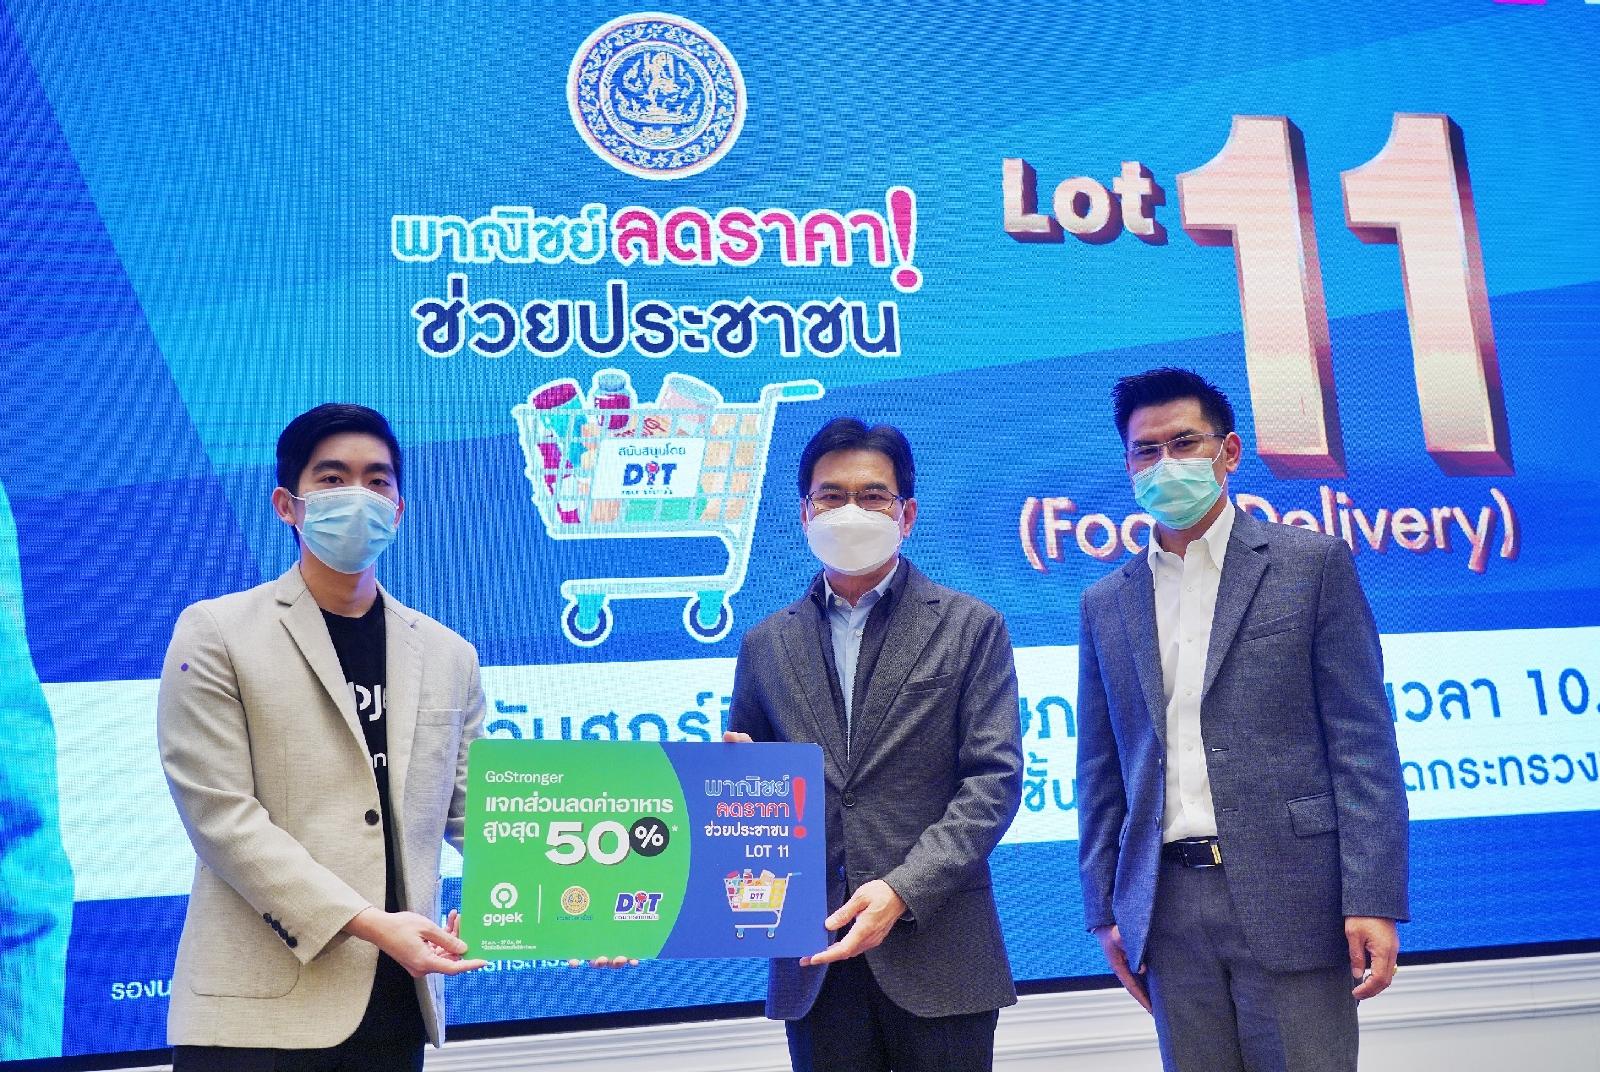 """Gojek จับมือกระทรวงพาณิชย์ สานต่อโครงการ """"พาณิชย์ลดราคา! ช่วยร้านค้าและประชาชน"""" Lot 11"""